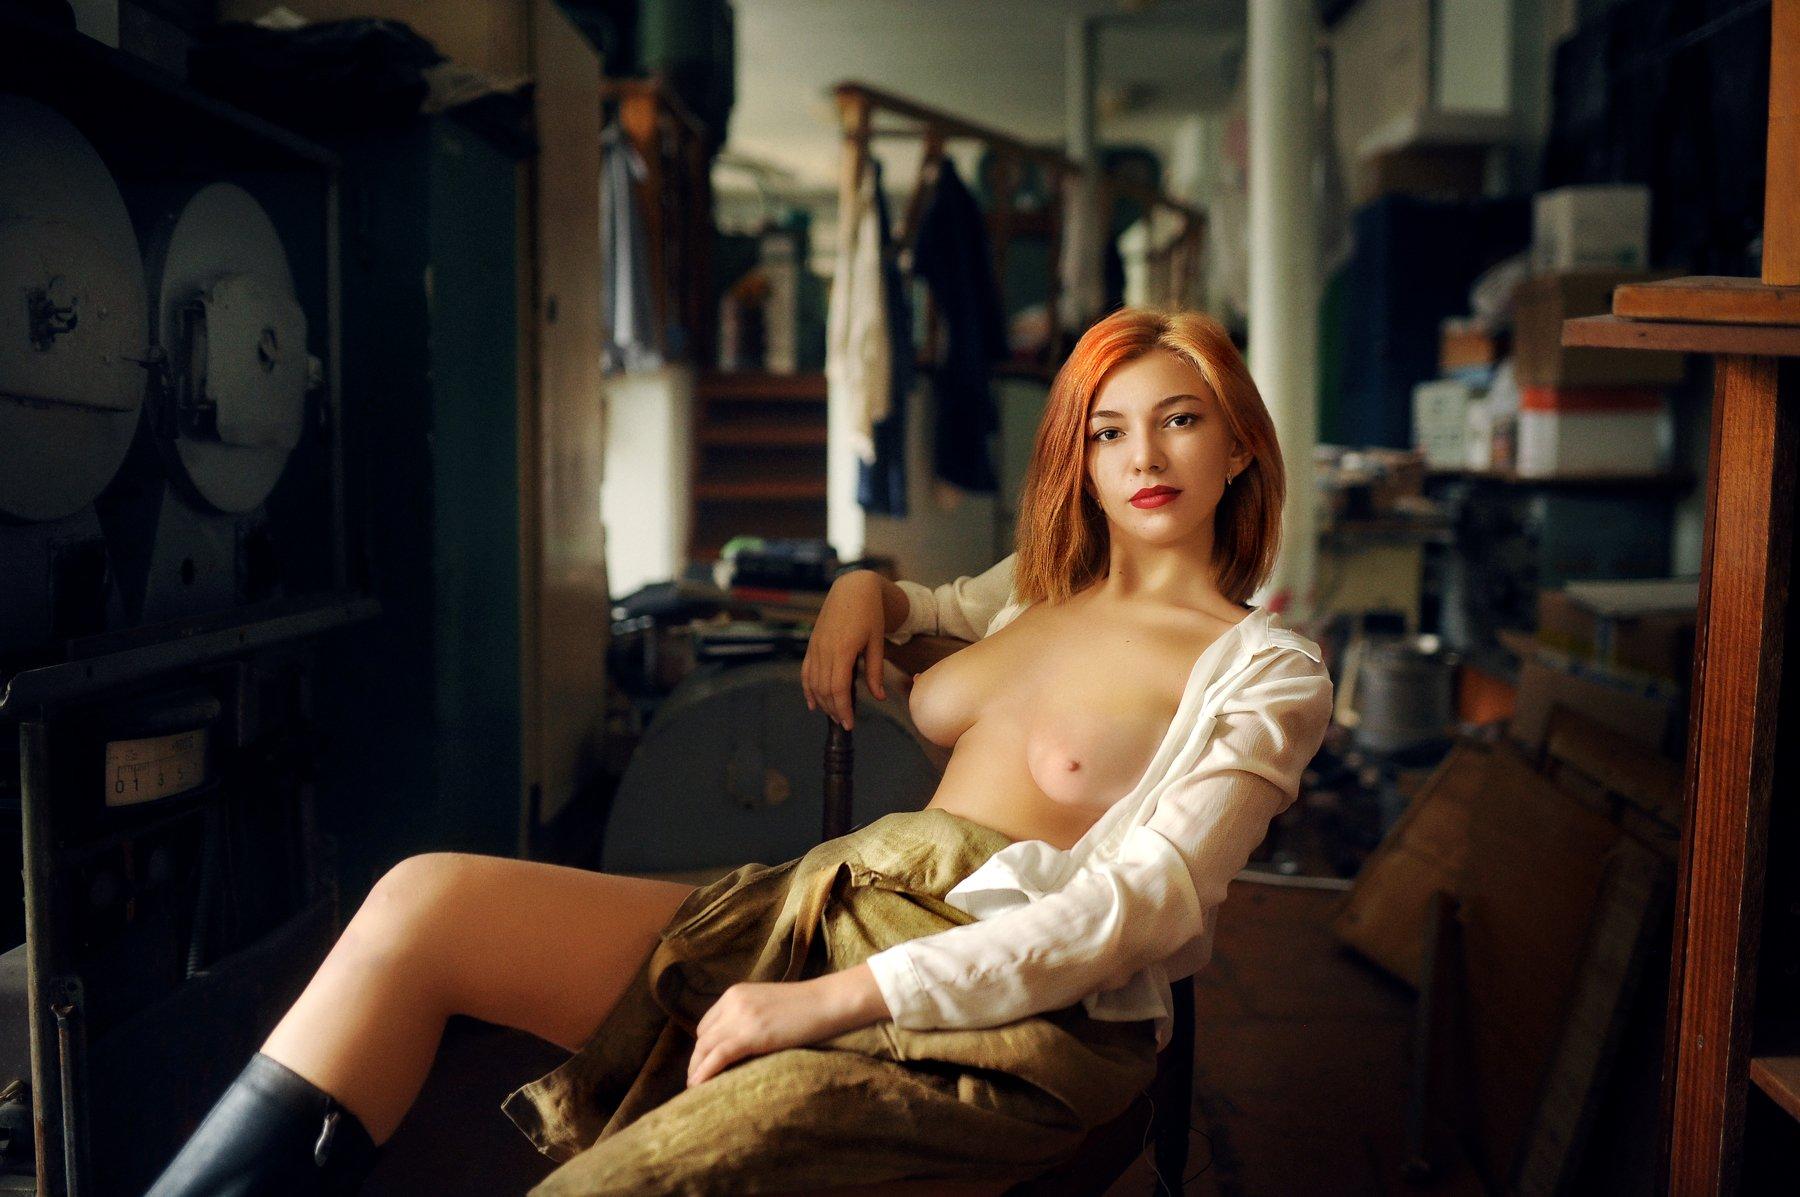 девушка, комната, черный, белый,  печаль ,красота ,грудь, красный,, Лыткин Денис